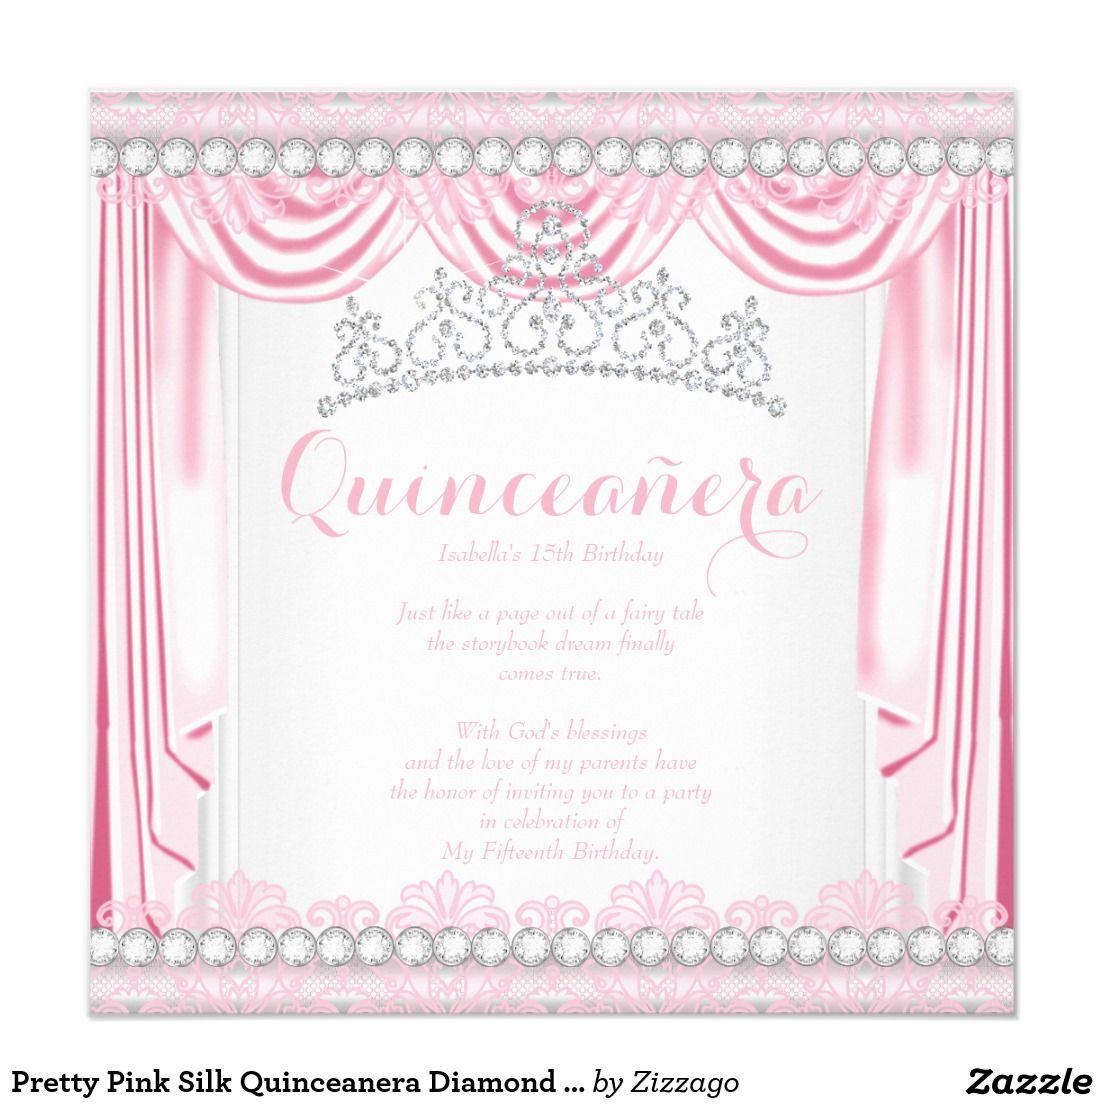 Pretty Pink Silk Quinceanera Diamond Tiara White 5.25x5.25 Square ...